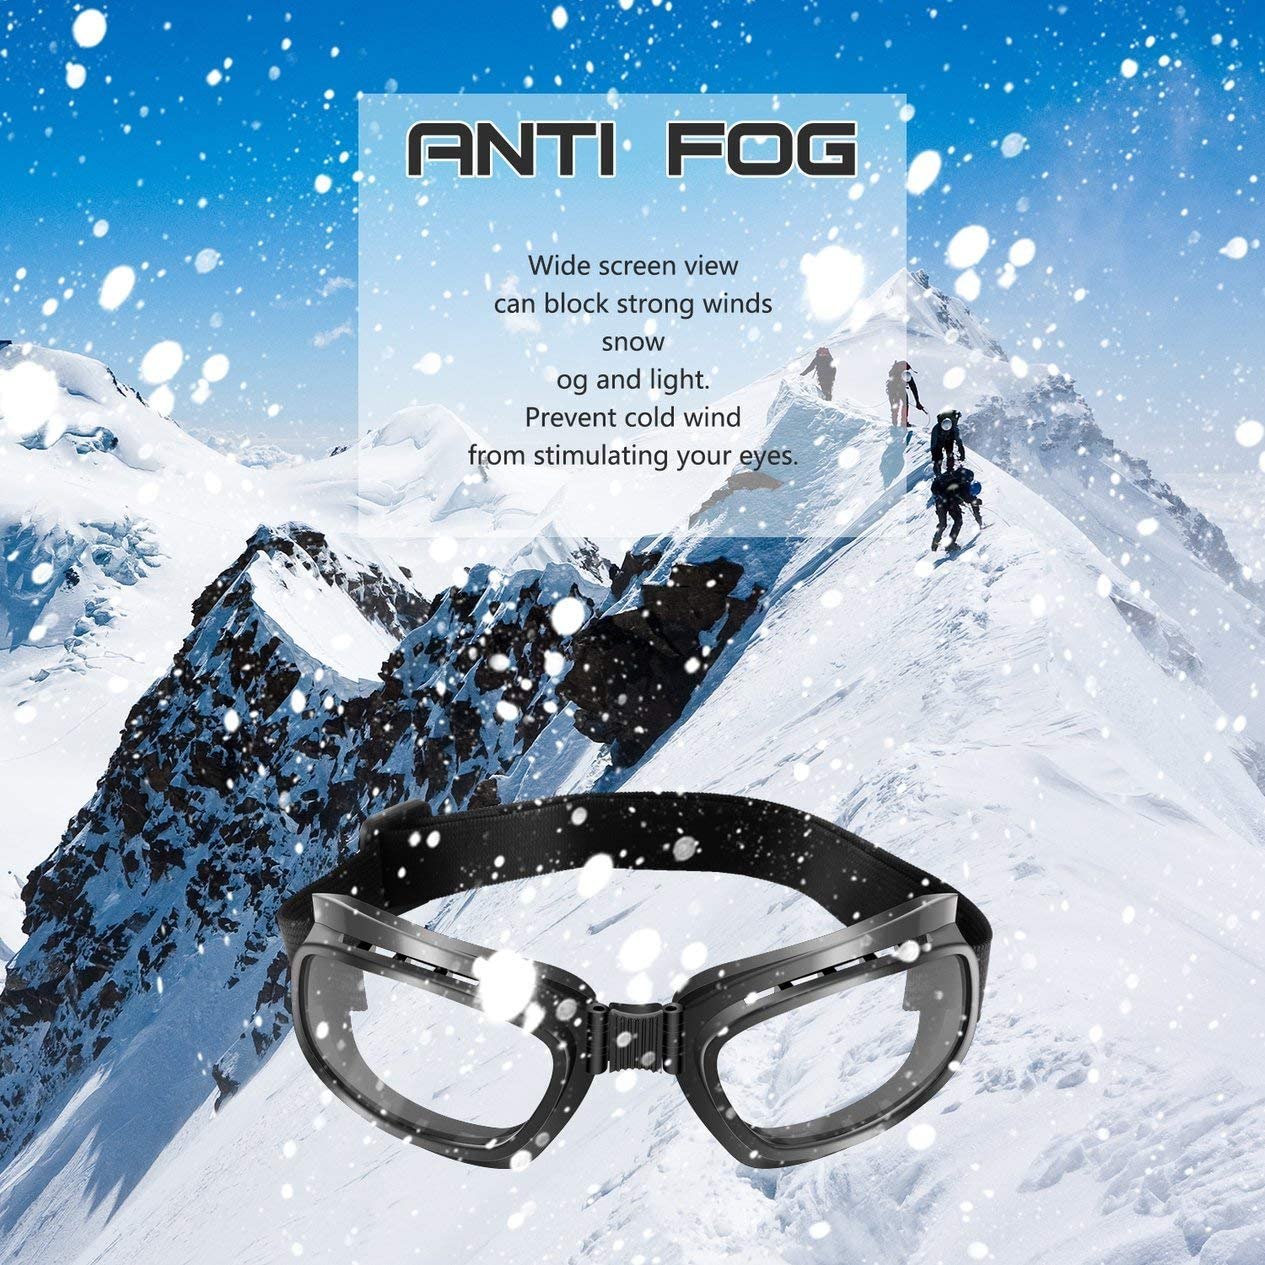 BCVBFGCXVB Gafas Plegables de Motocicleta Vintage Gafas a Prueba de Viento Gafas de Snowboard de esqu/í Gafas de Carreras Fuera de Carretera Gafas a Prueba de Polvo Marco Negro y Lente Transparente